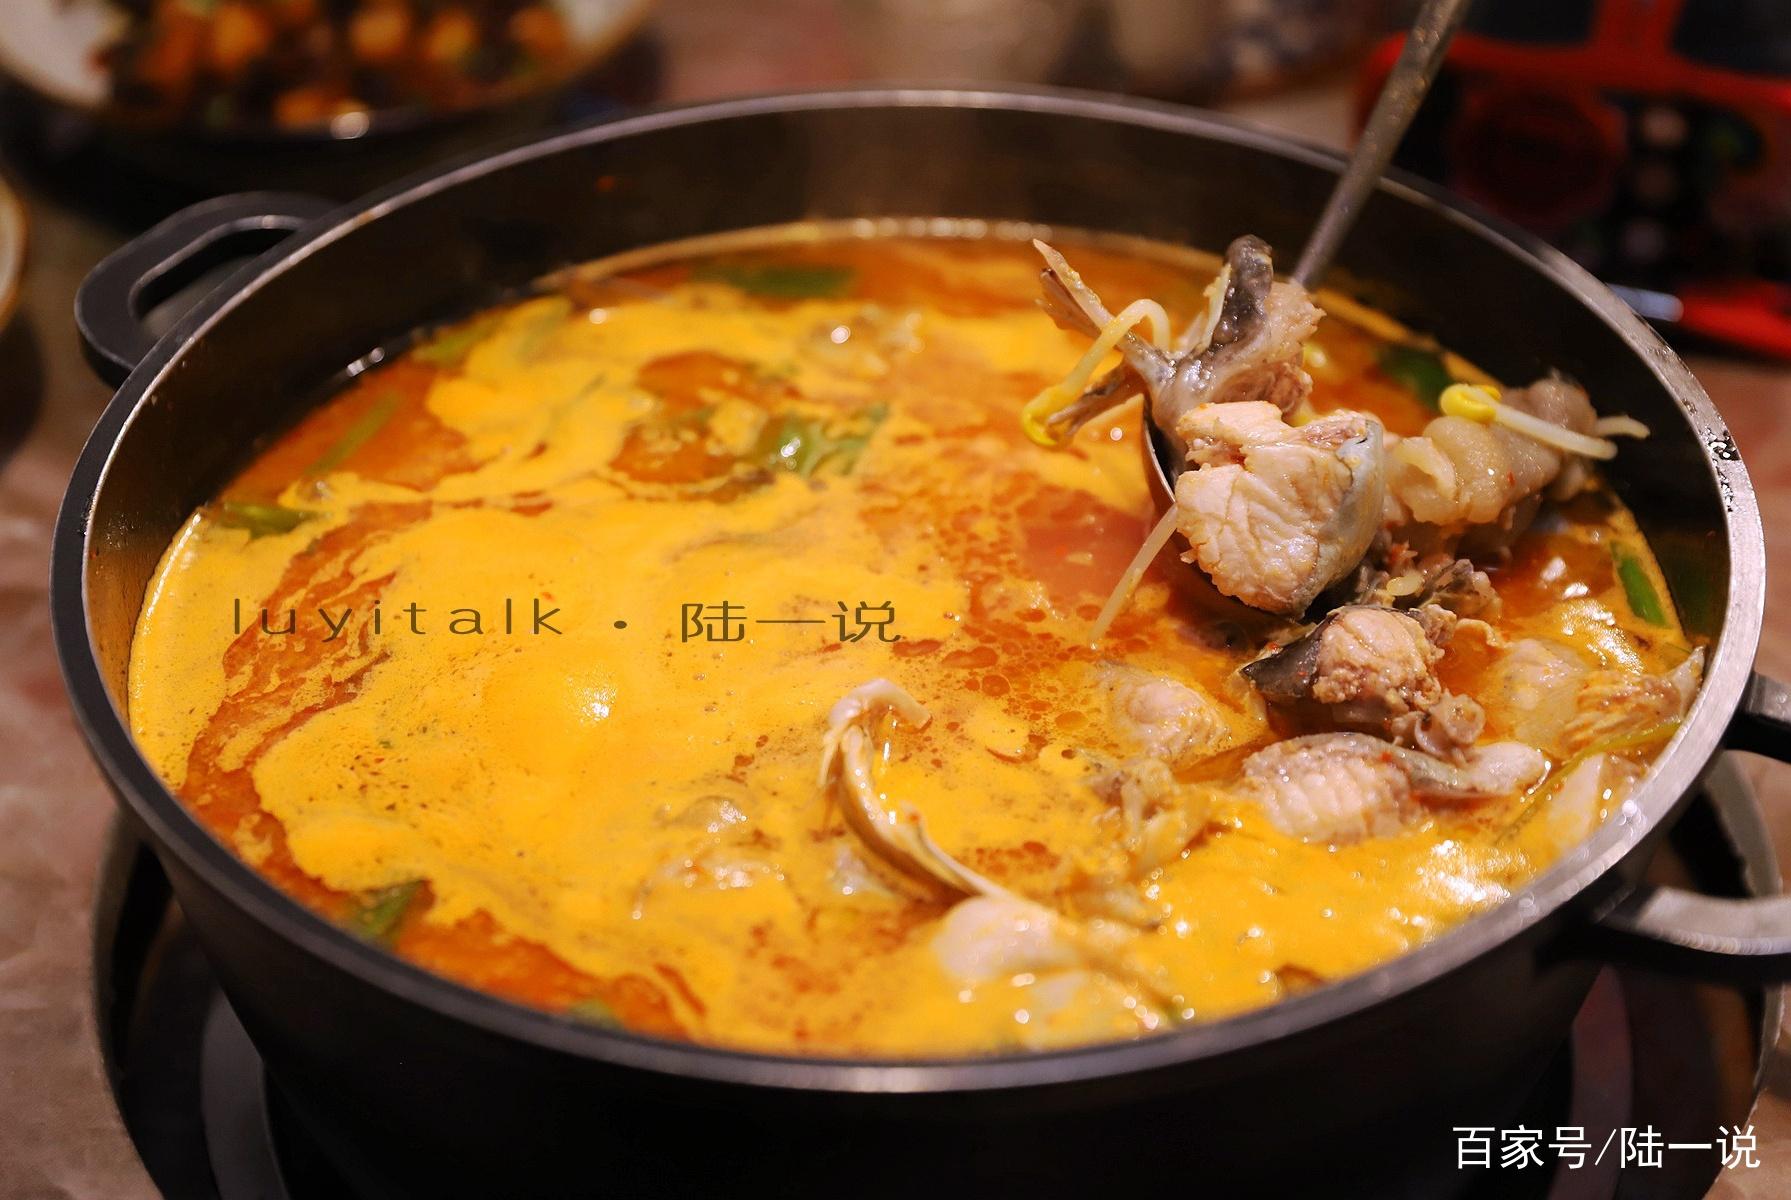 齐齐哈尔烤肉与贵州苗家酸汤鱼同桌竞技,老饕:我们赢啦!